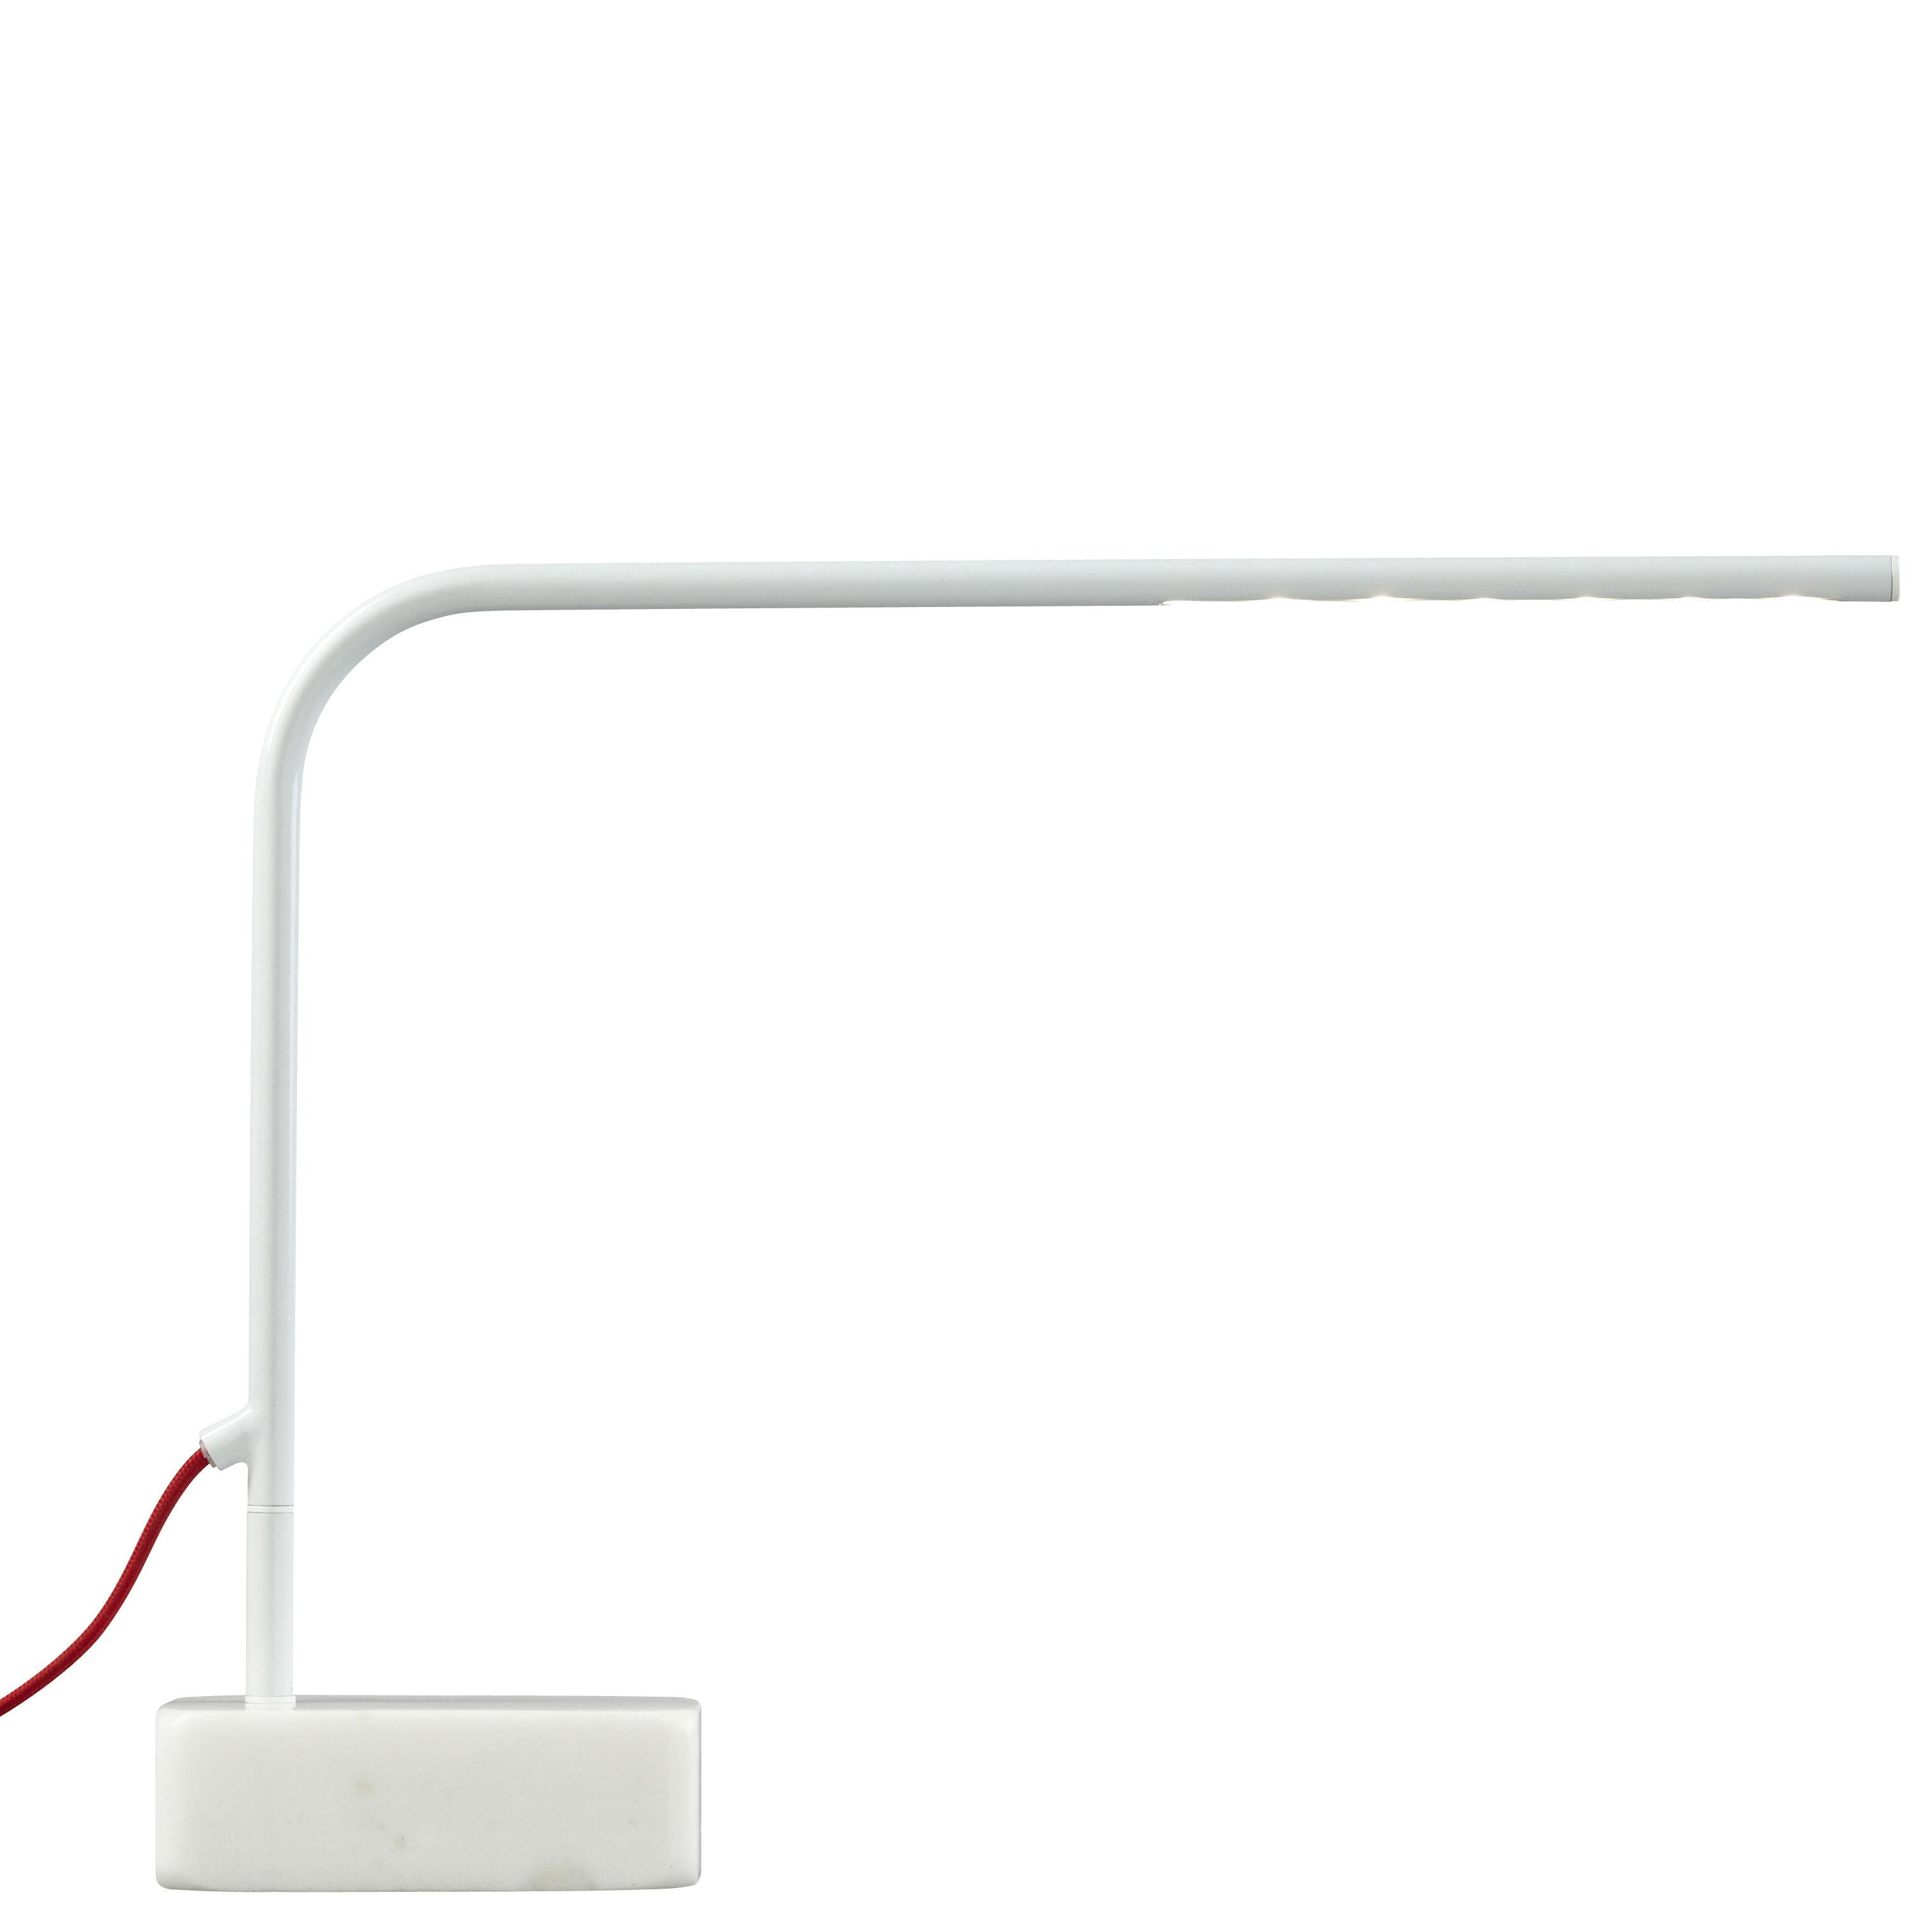 Leuchten - Tischleuchten - Birdy Low Tischleuchte LED - H 35 cm - Forestier - Weiß - Low - H 35 cm - lackiertes Metall, Marmor